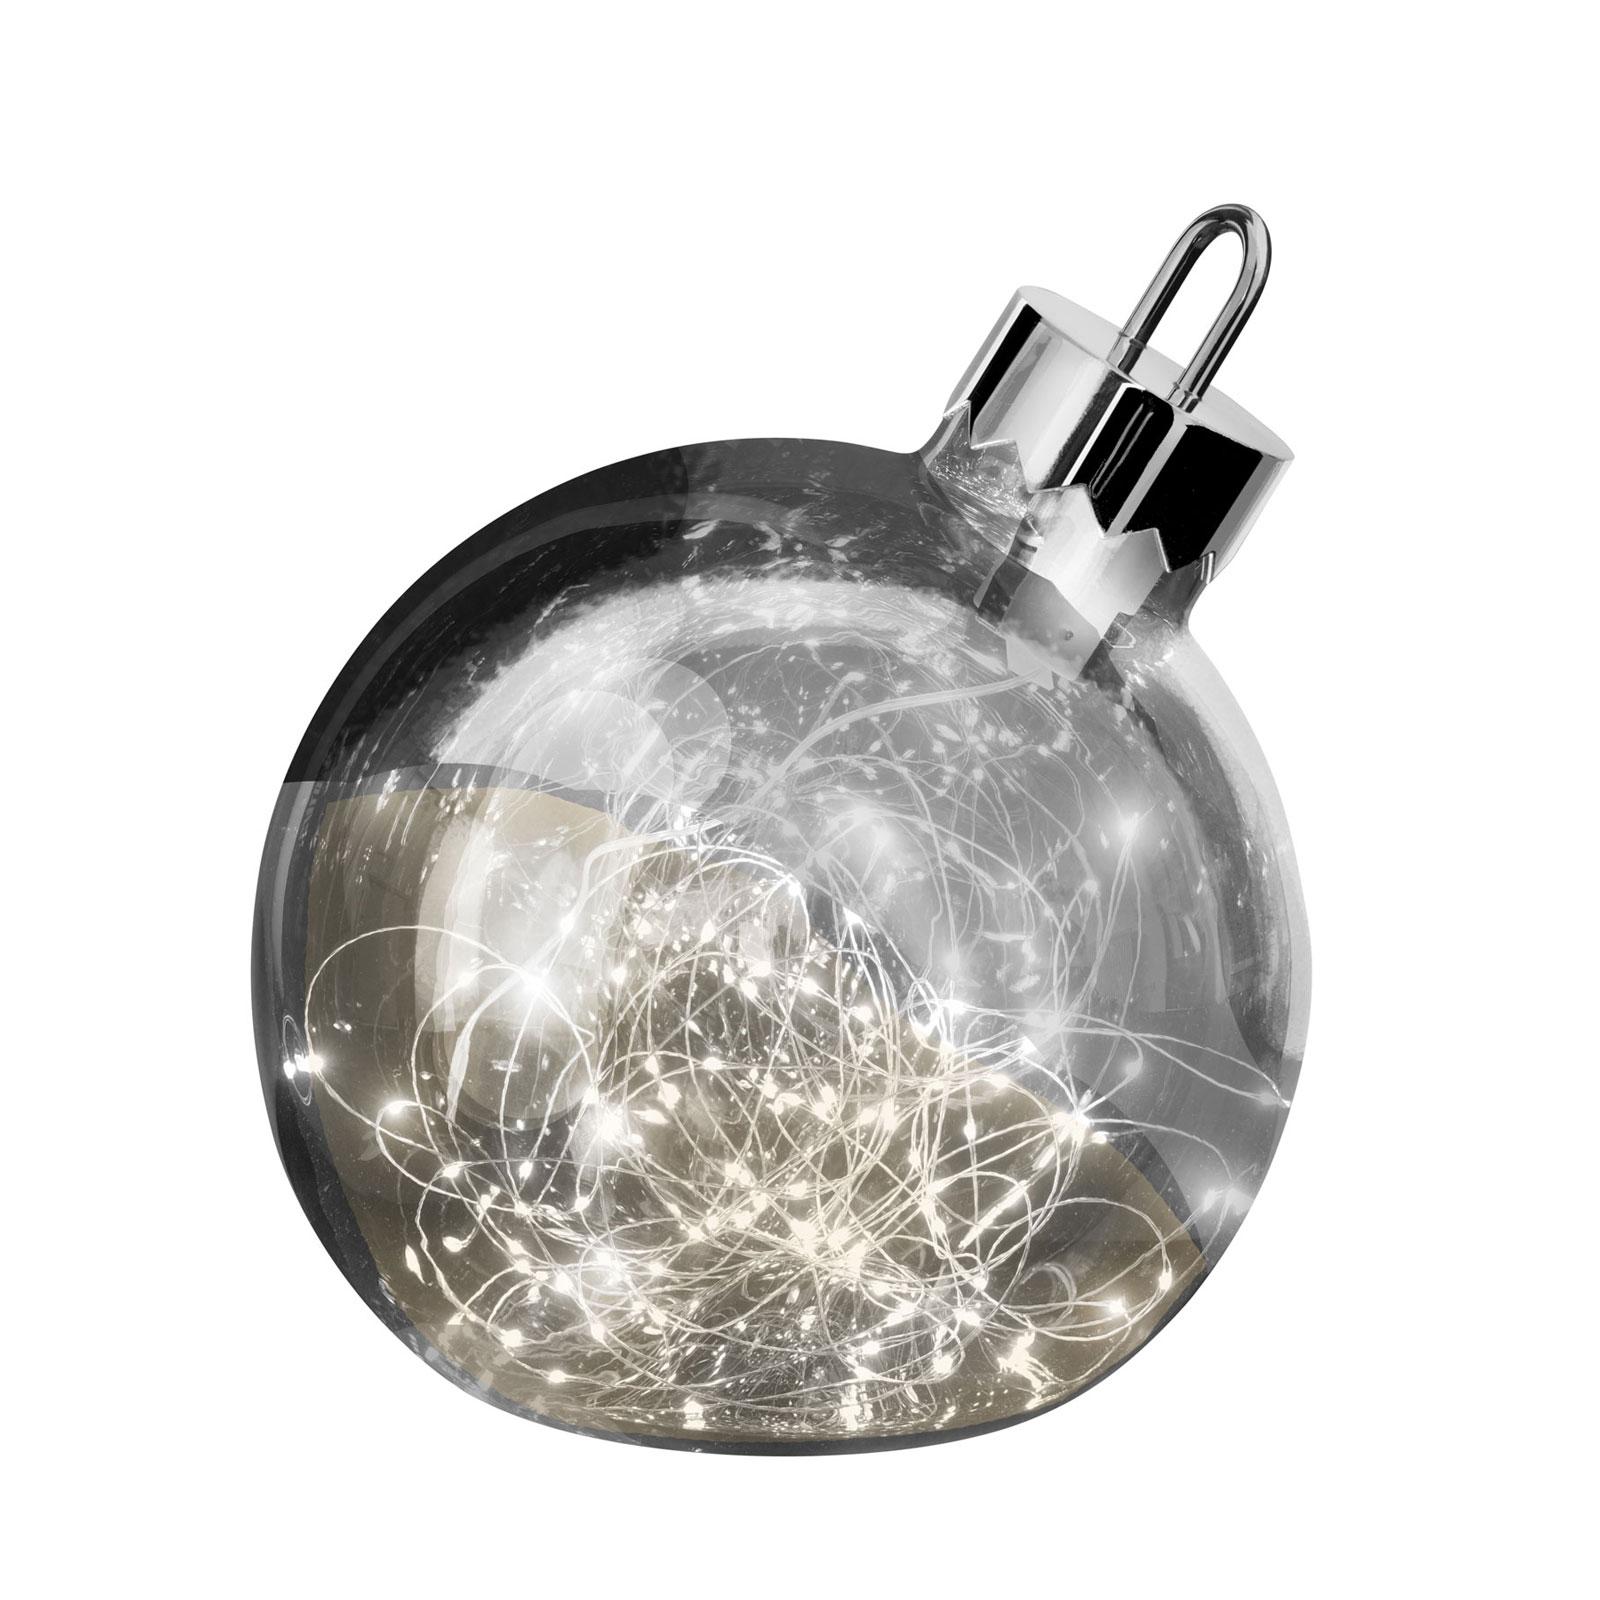 Lampada ornamentale, grigio scuro, Ø 25 cm